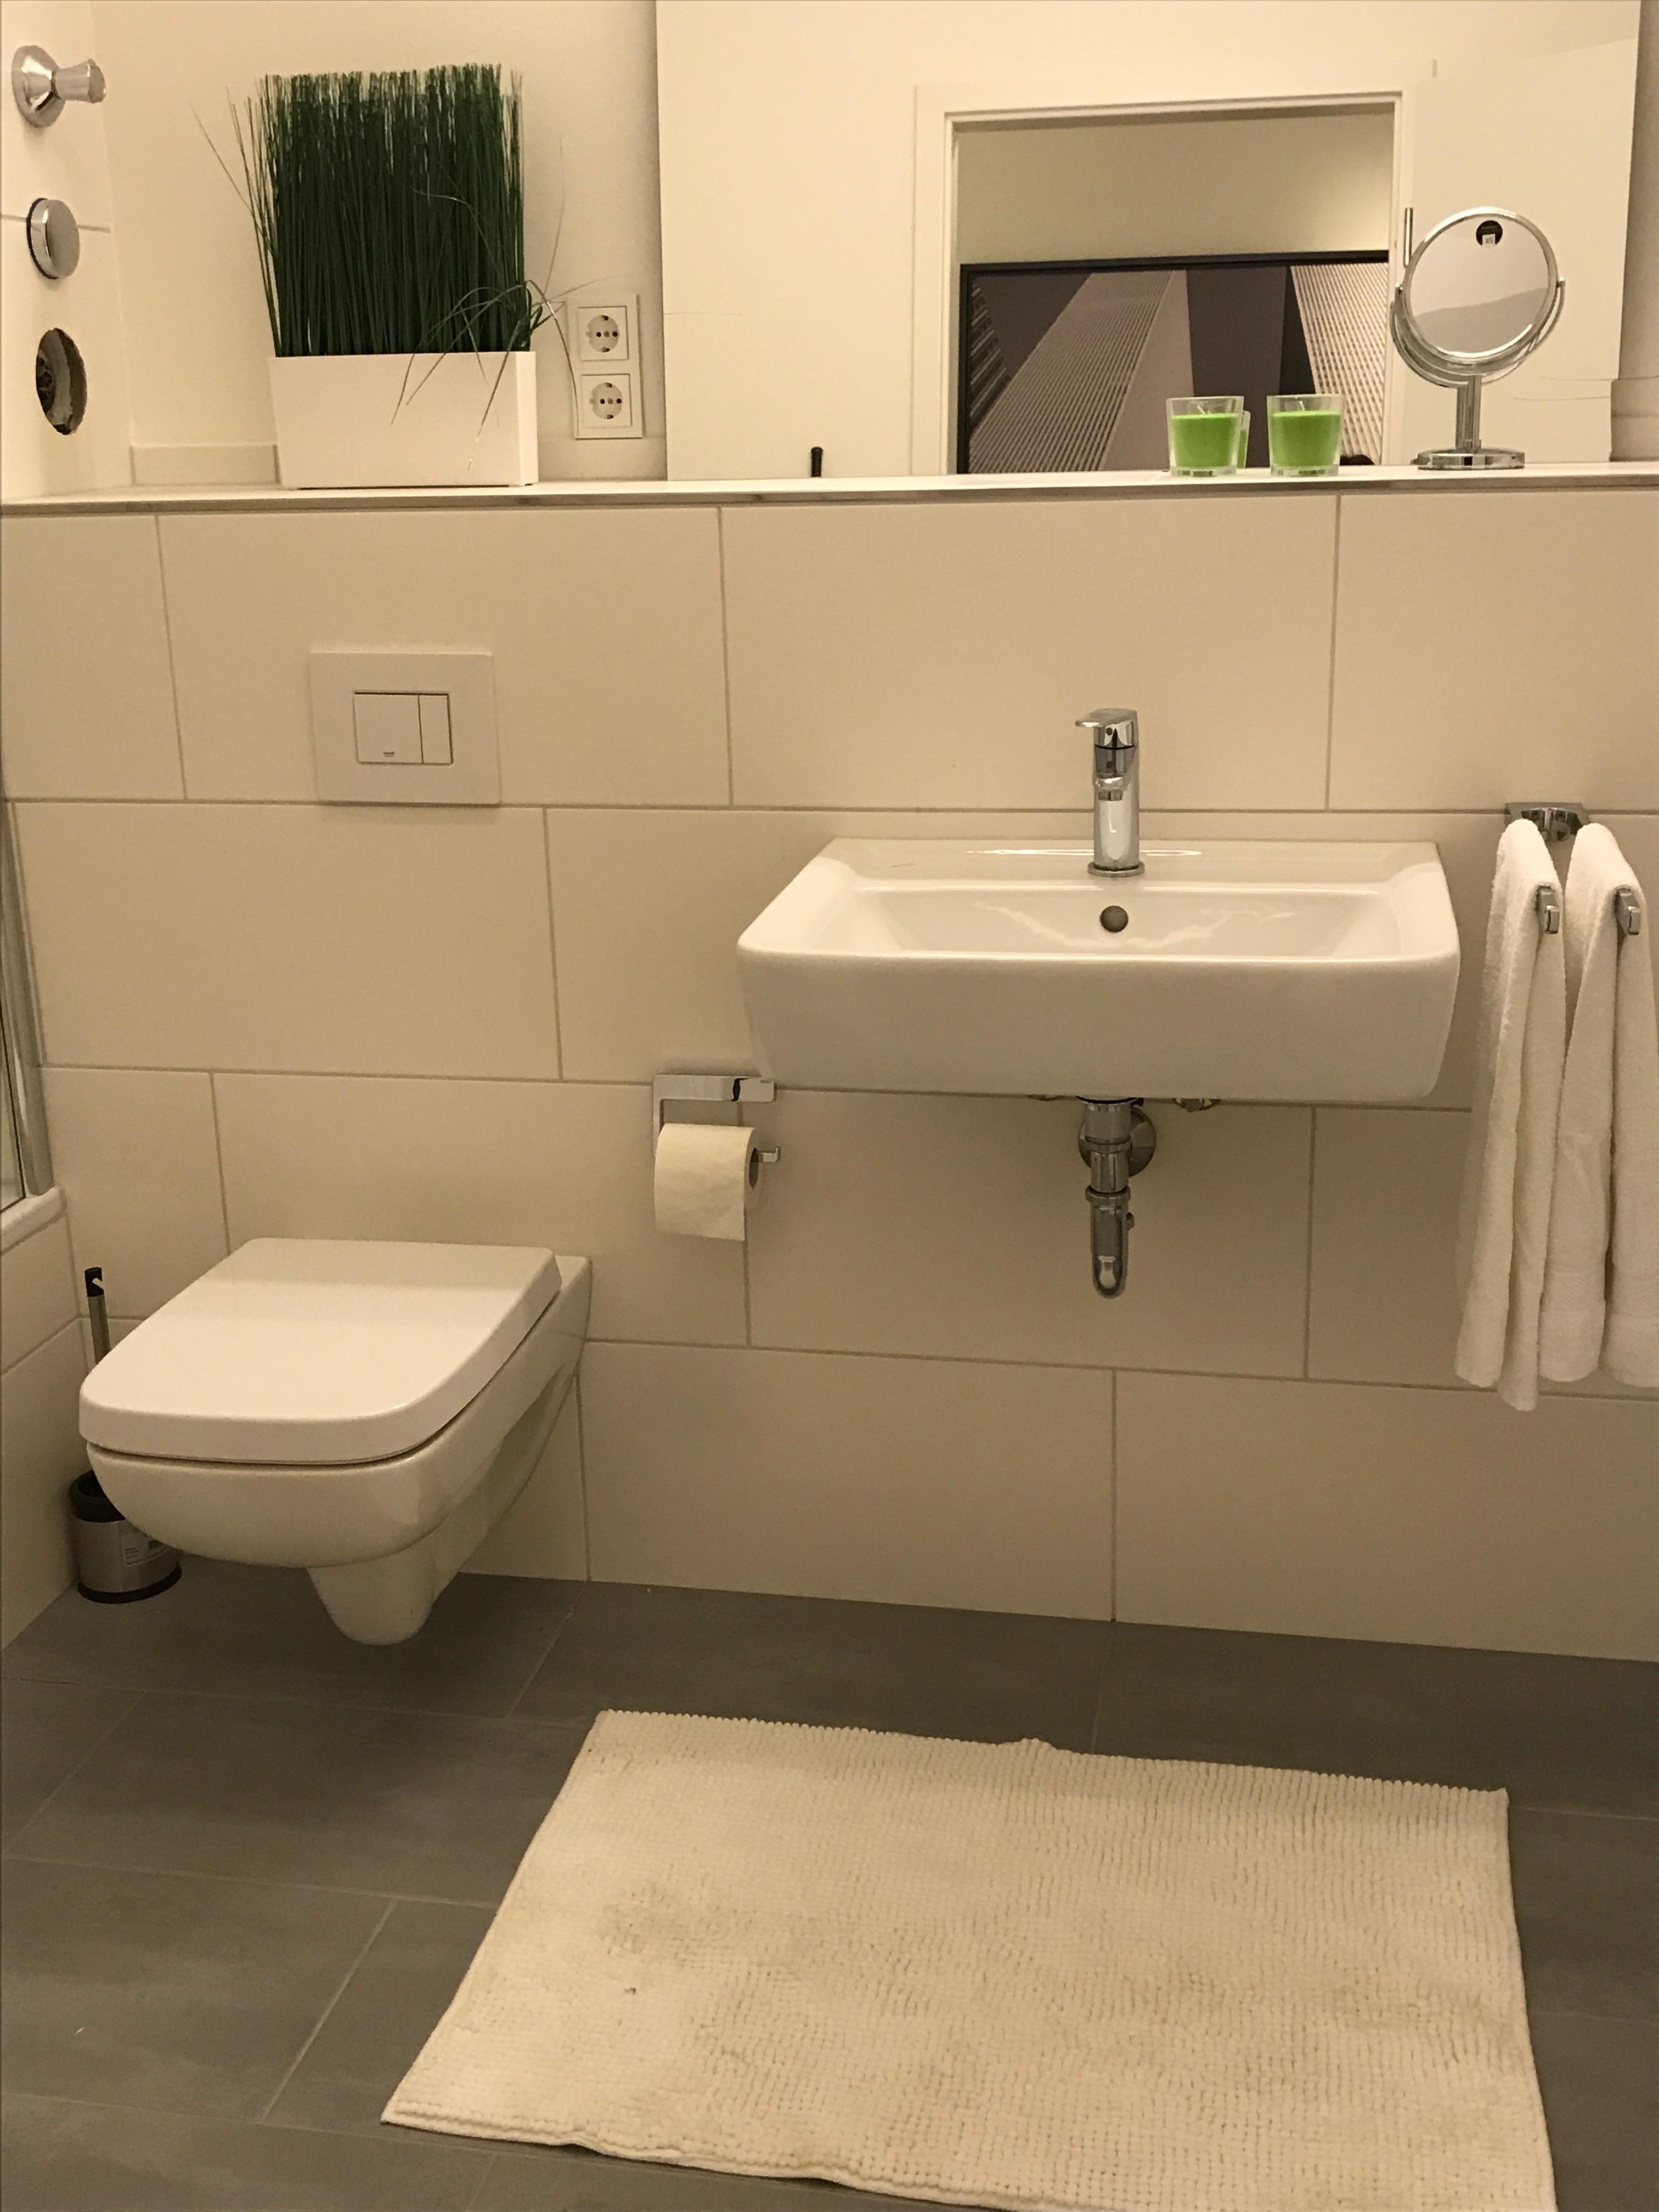 Badezimmer mit Wanne alles Weiß #badewanne #badezimm...